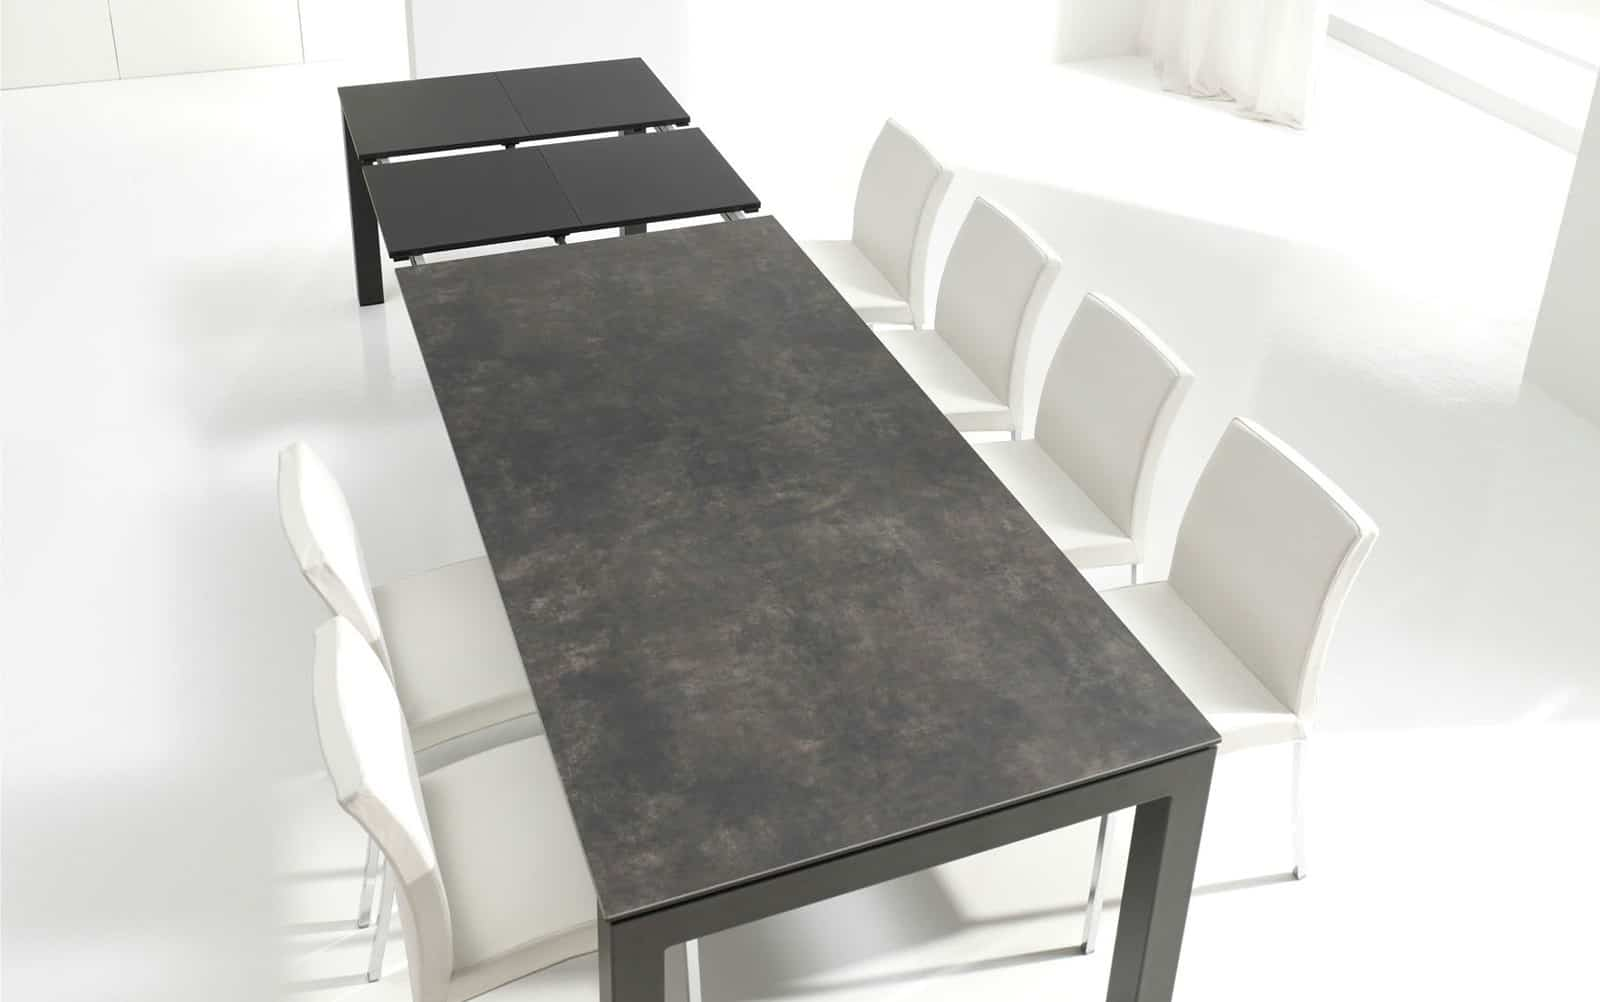 Wunderbar Großer Esstisch Ausziehbar Dekoration Von Cool Great Beautiful Tisch Outdoor Mobliberica Tisch